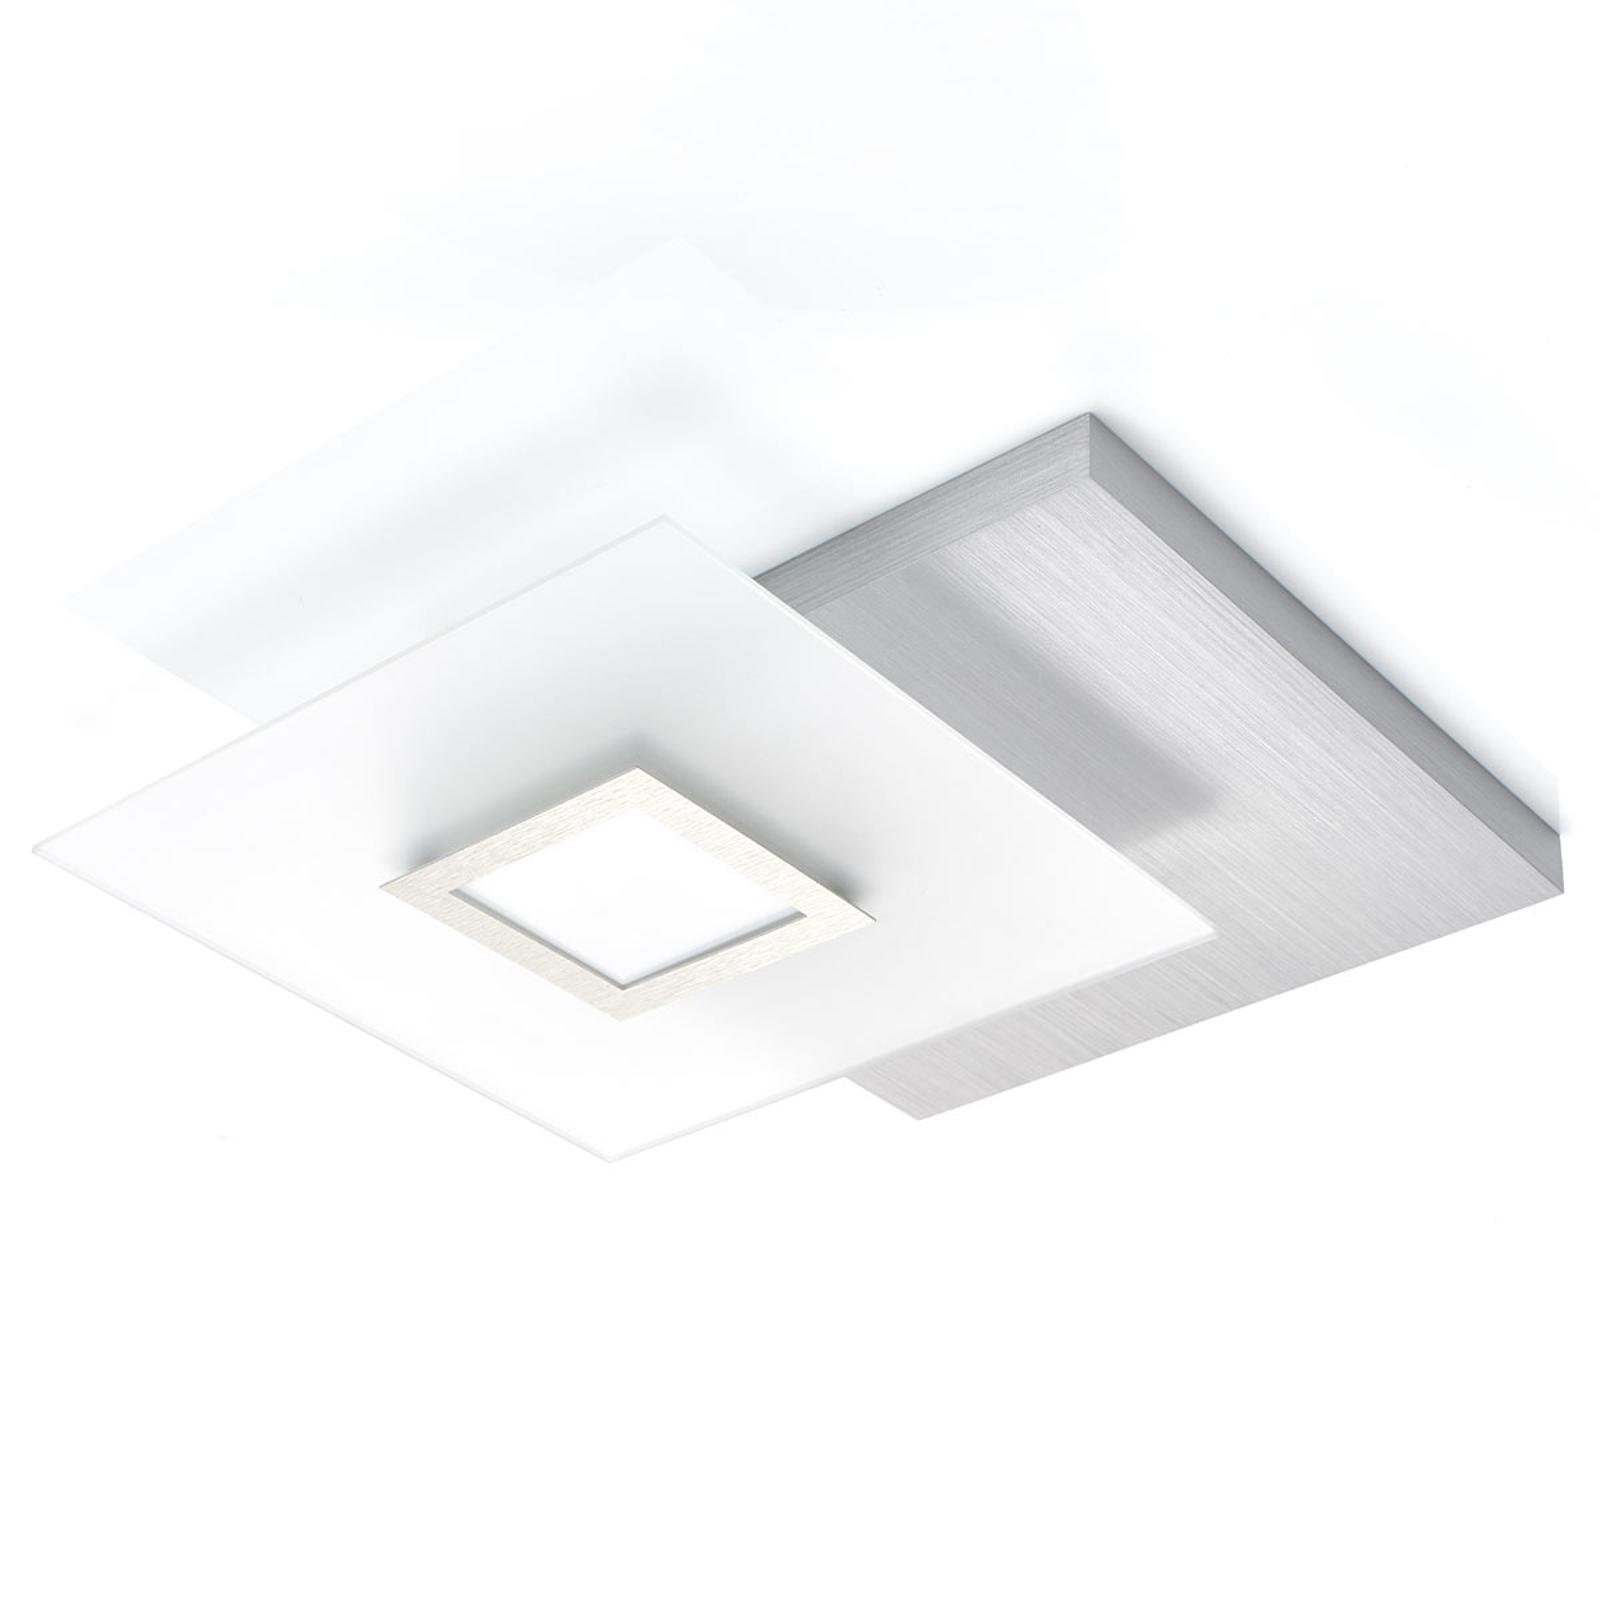 Bopp Flat LED stropní svítidlo, přesazený difuzor